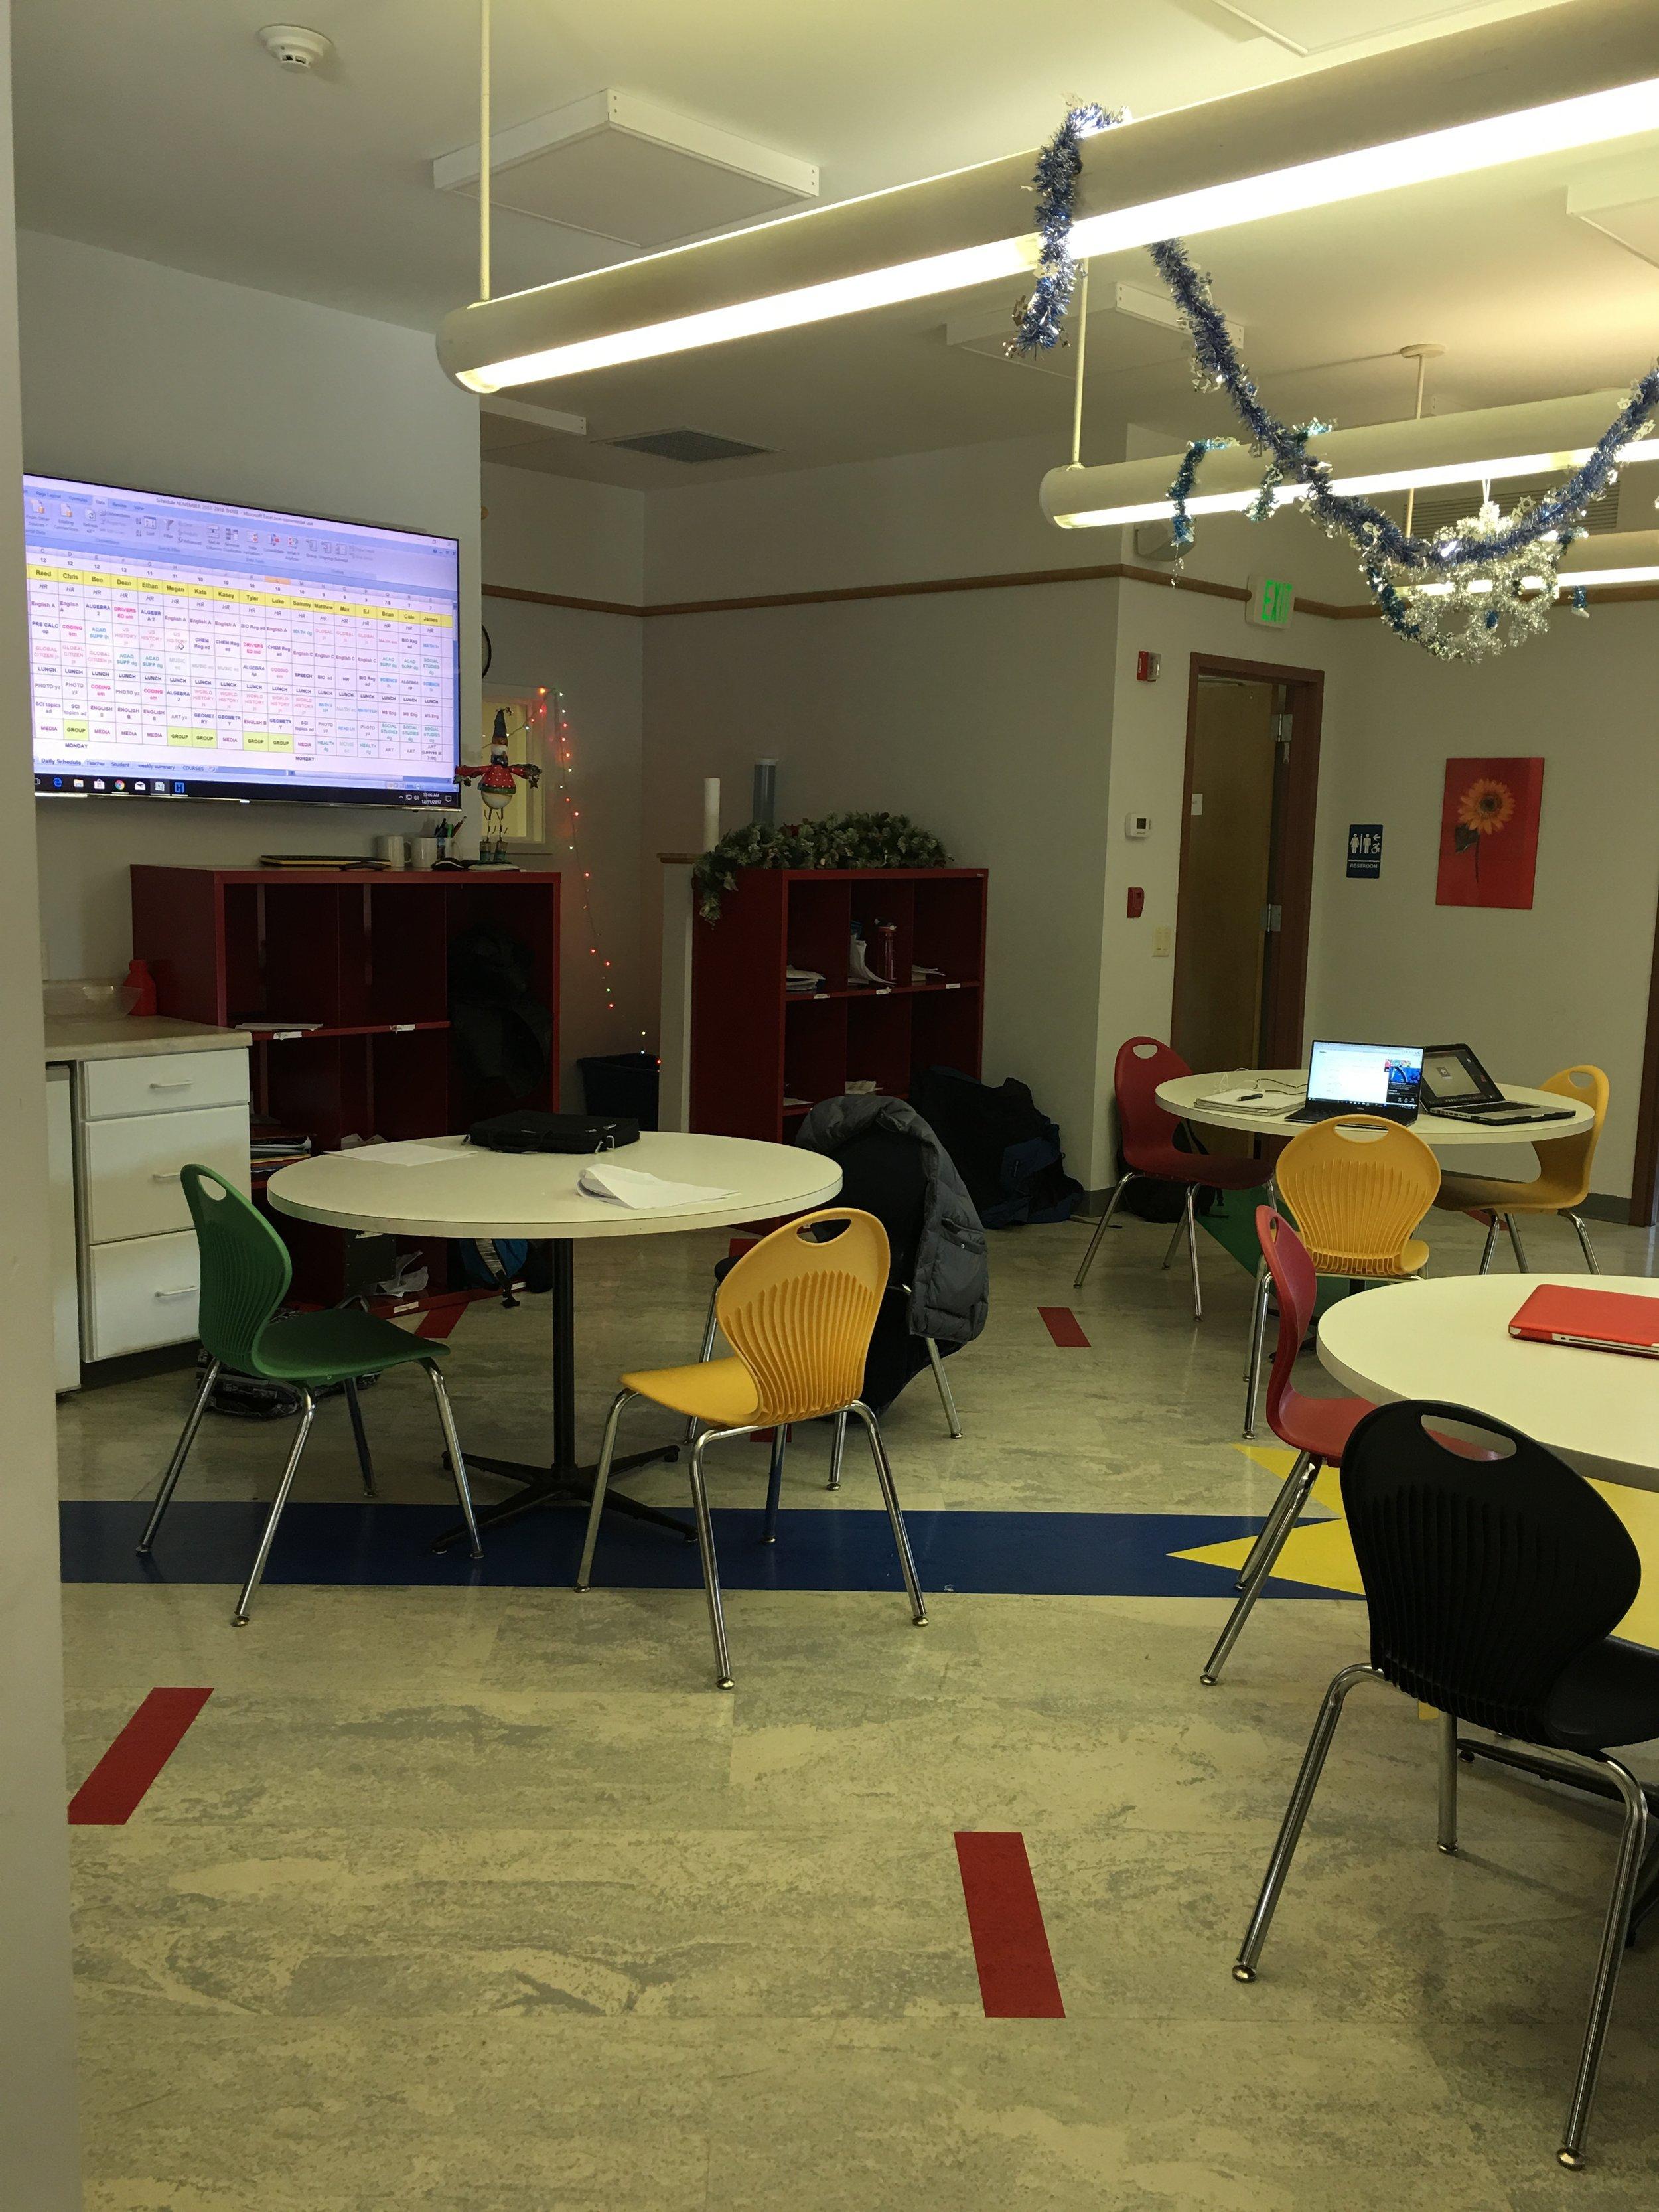 Westfield Day School's lunch room. Photo by Ilene B. Miller